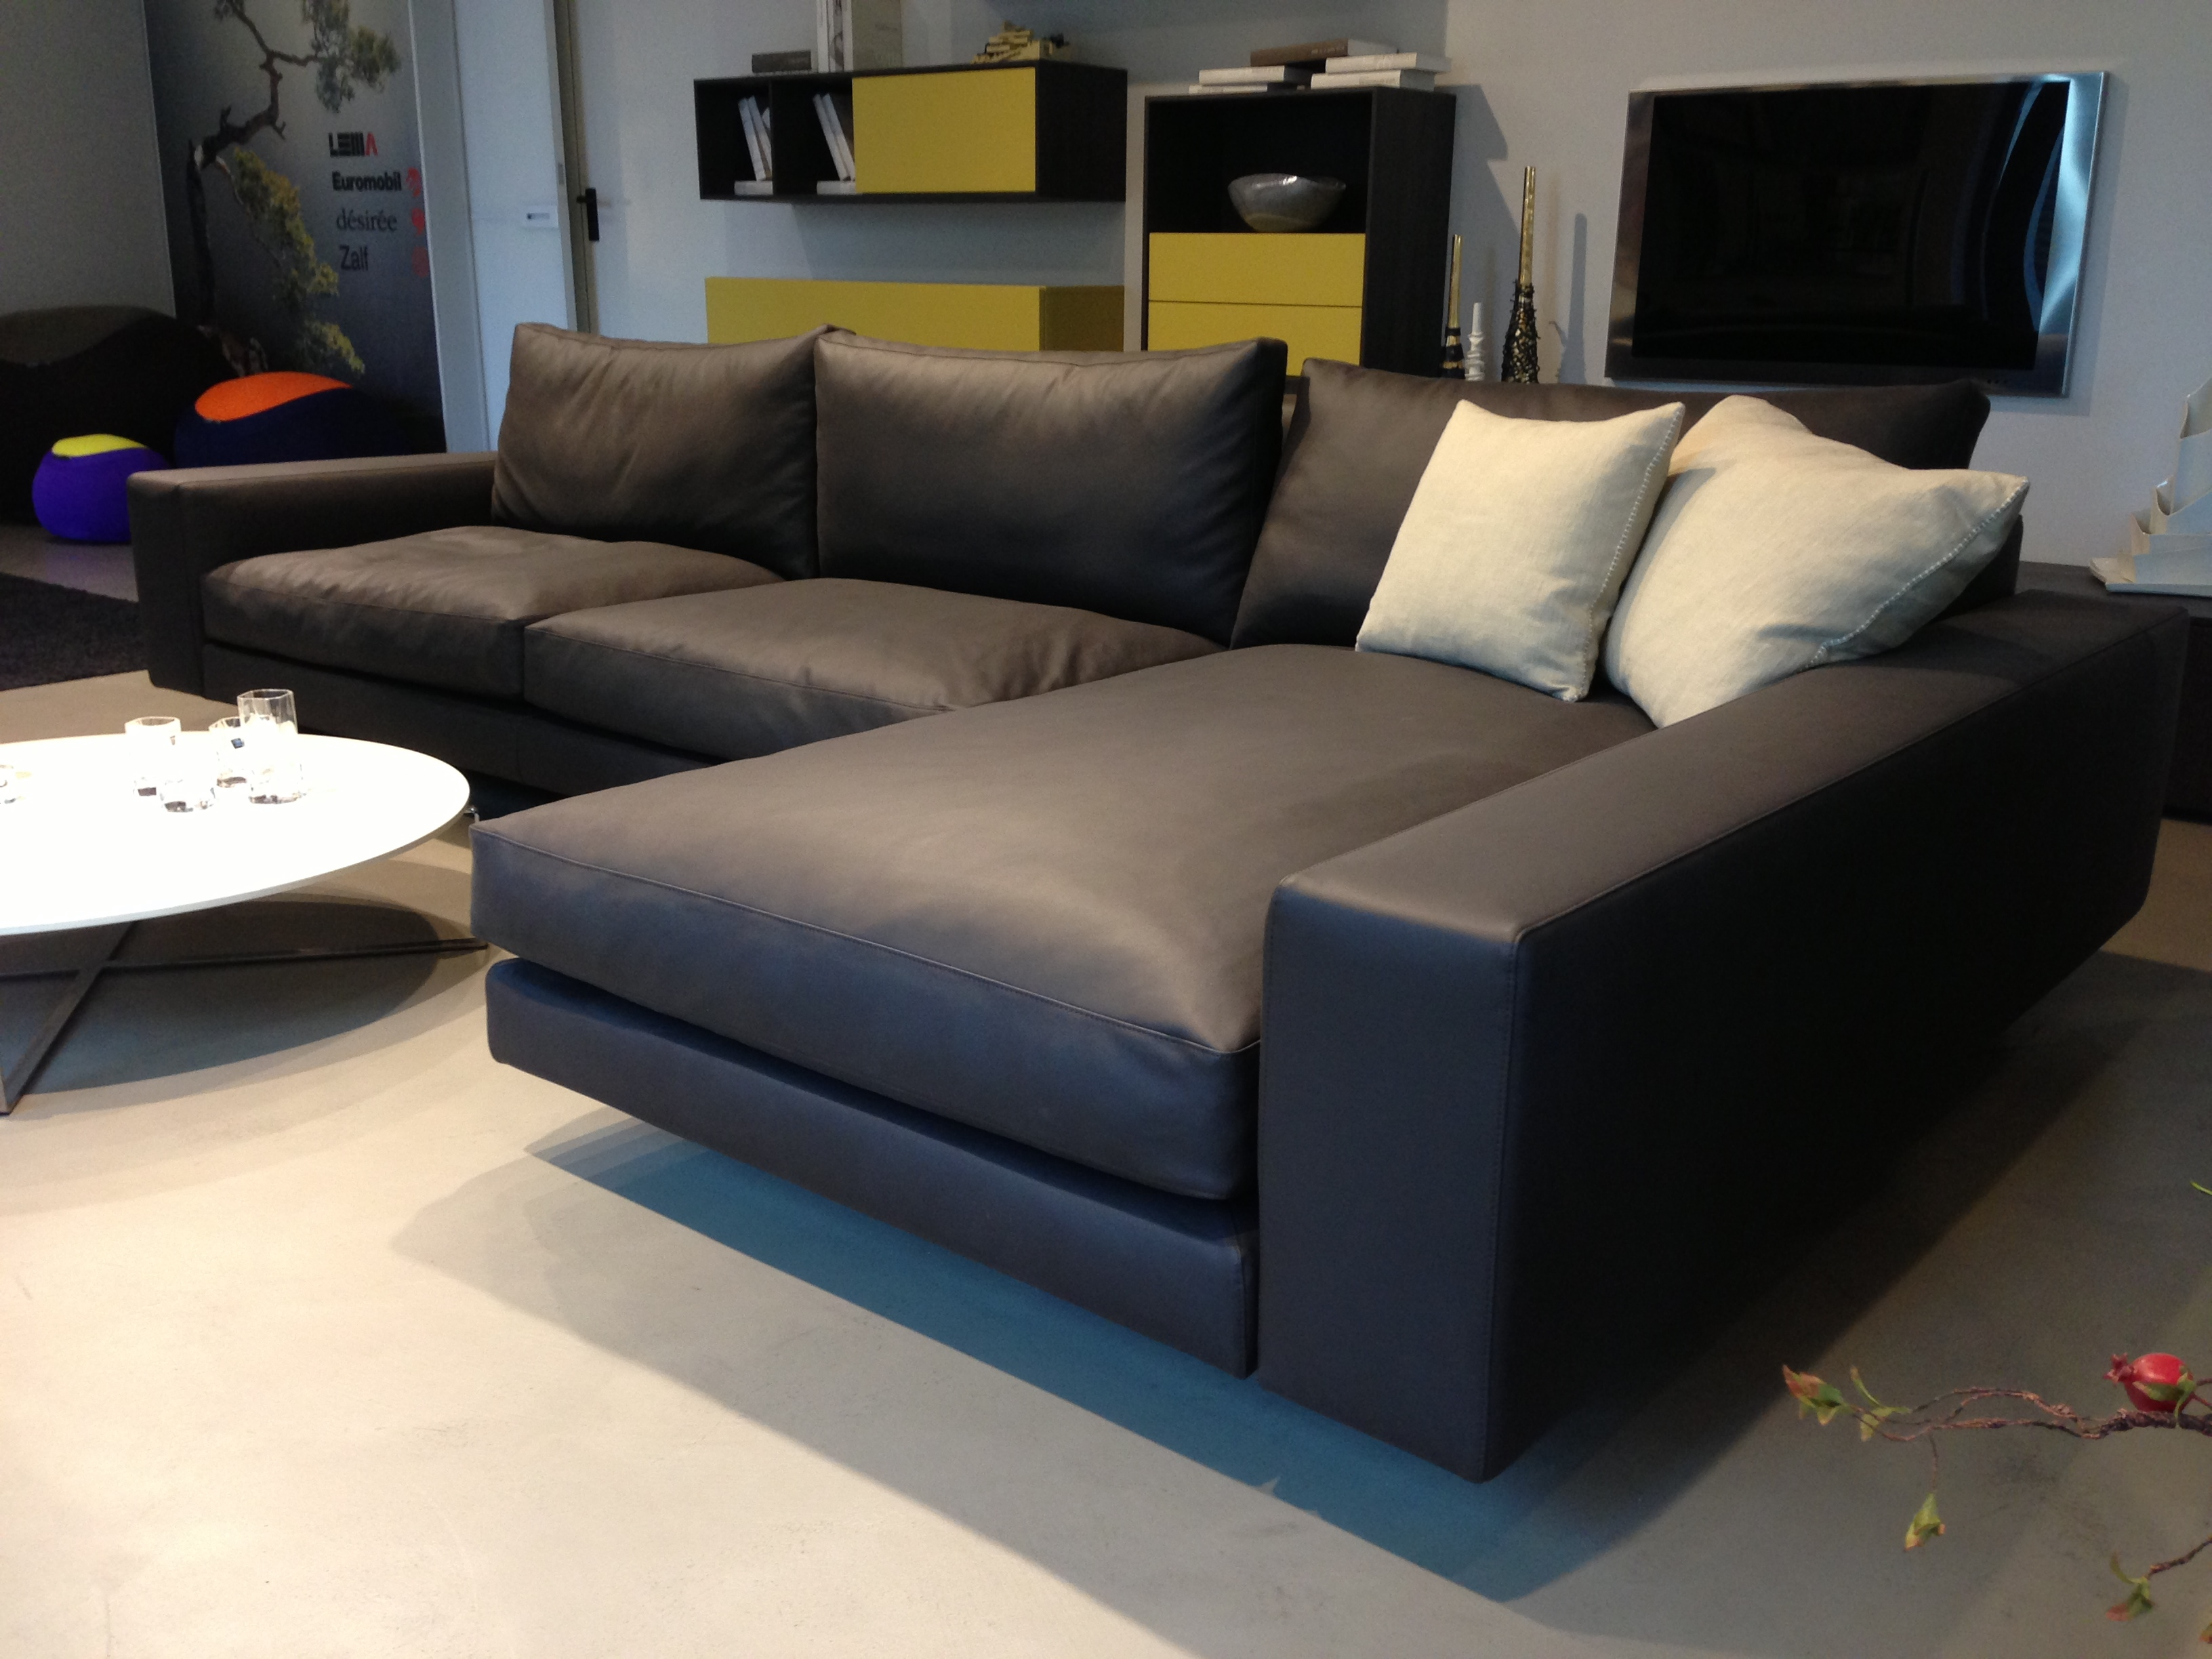 Desir e divano agon scontato del 58 divani a prezzi for Divano desiree